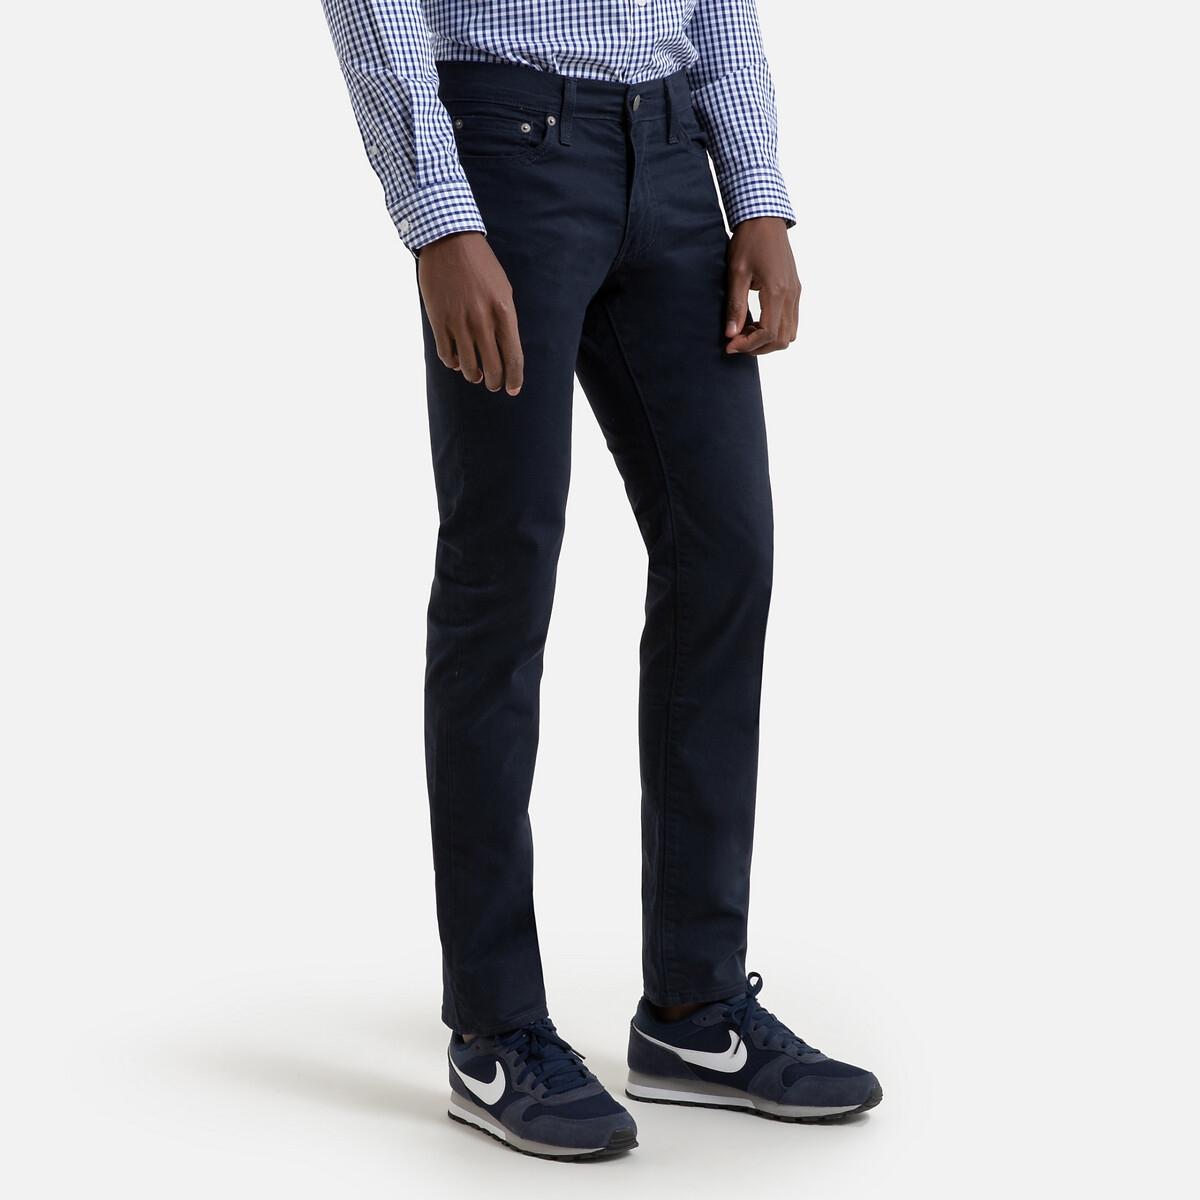 LEVI'S - Levis Calças slim em tecido, 511